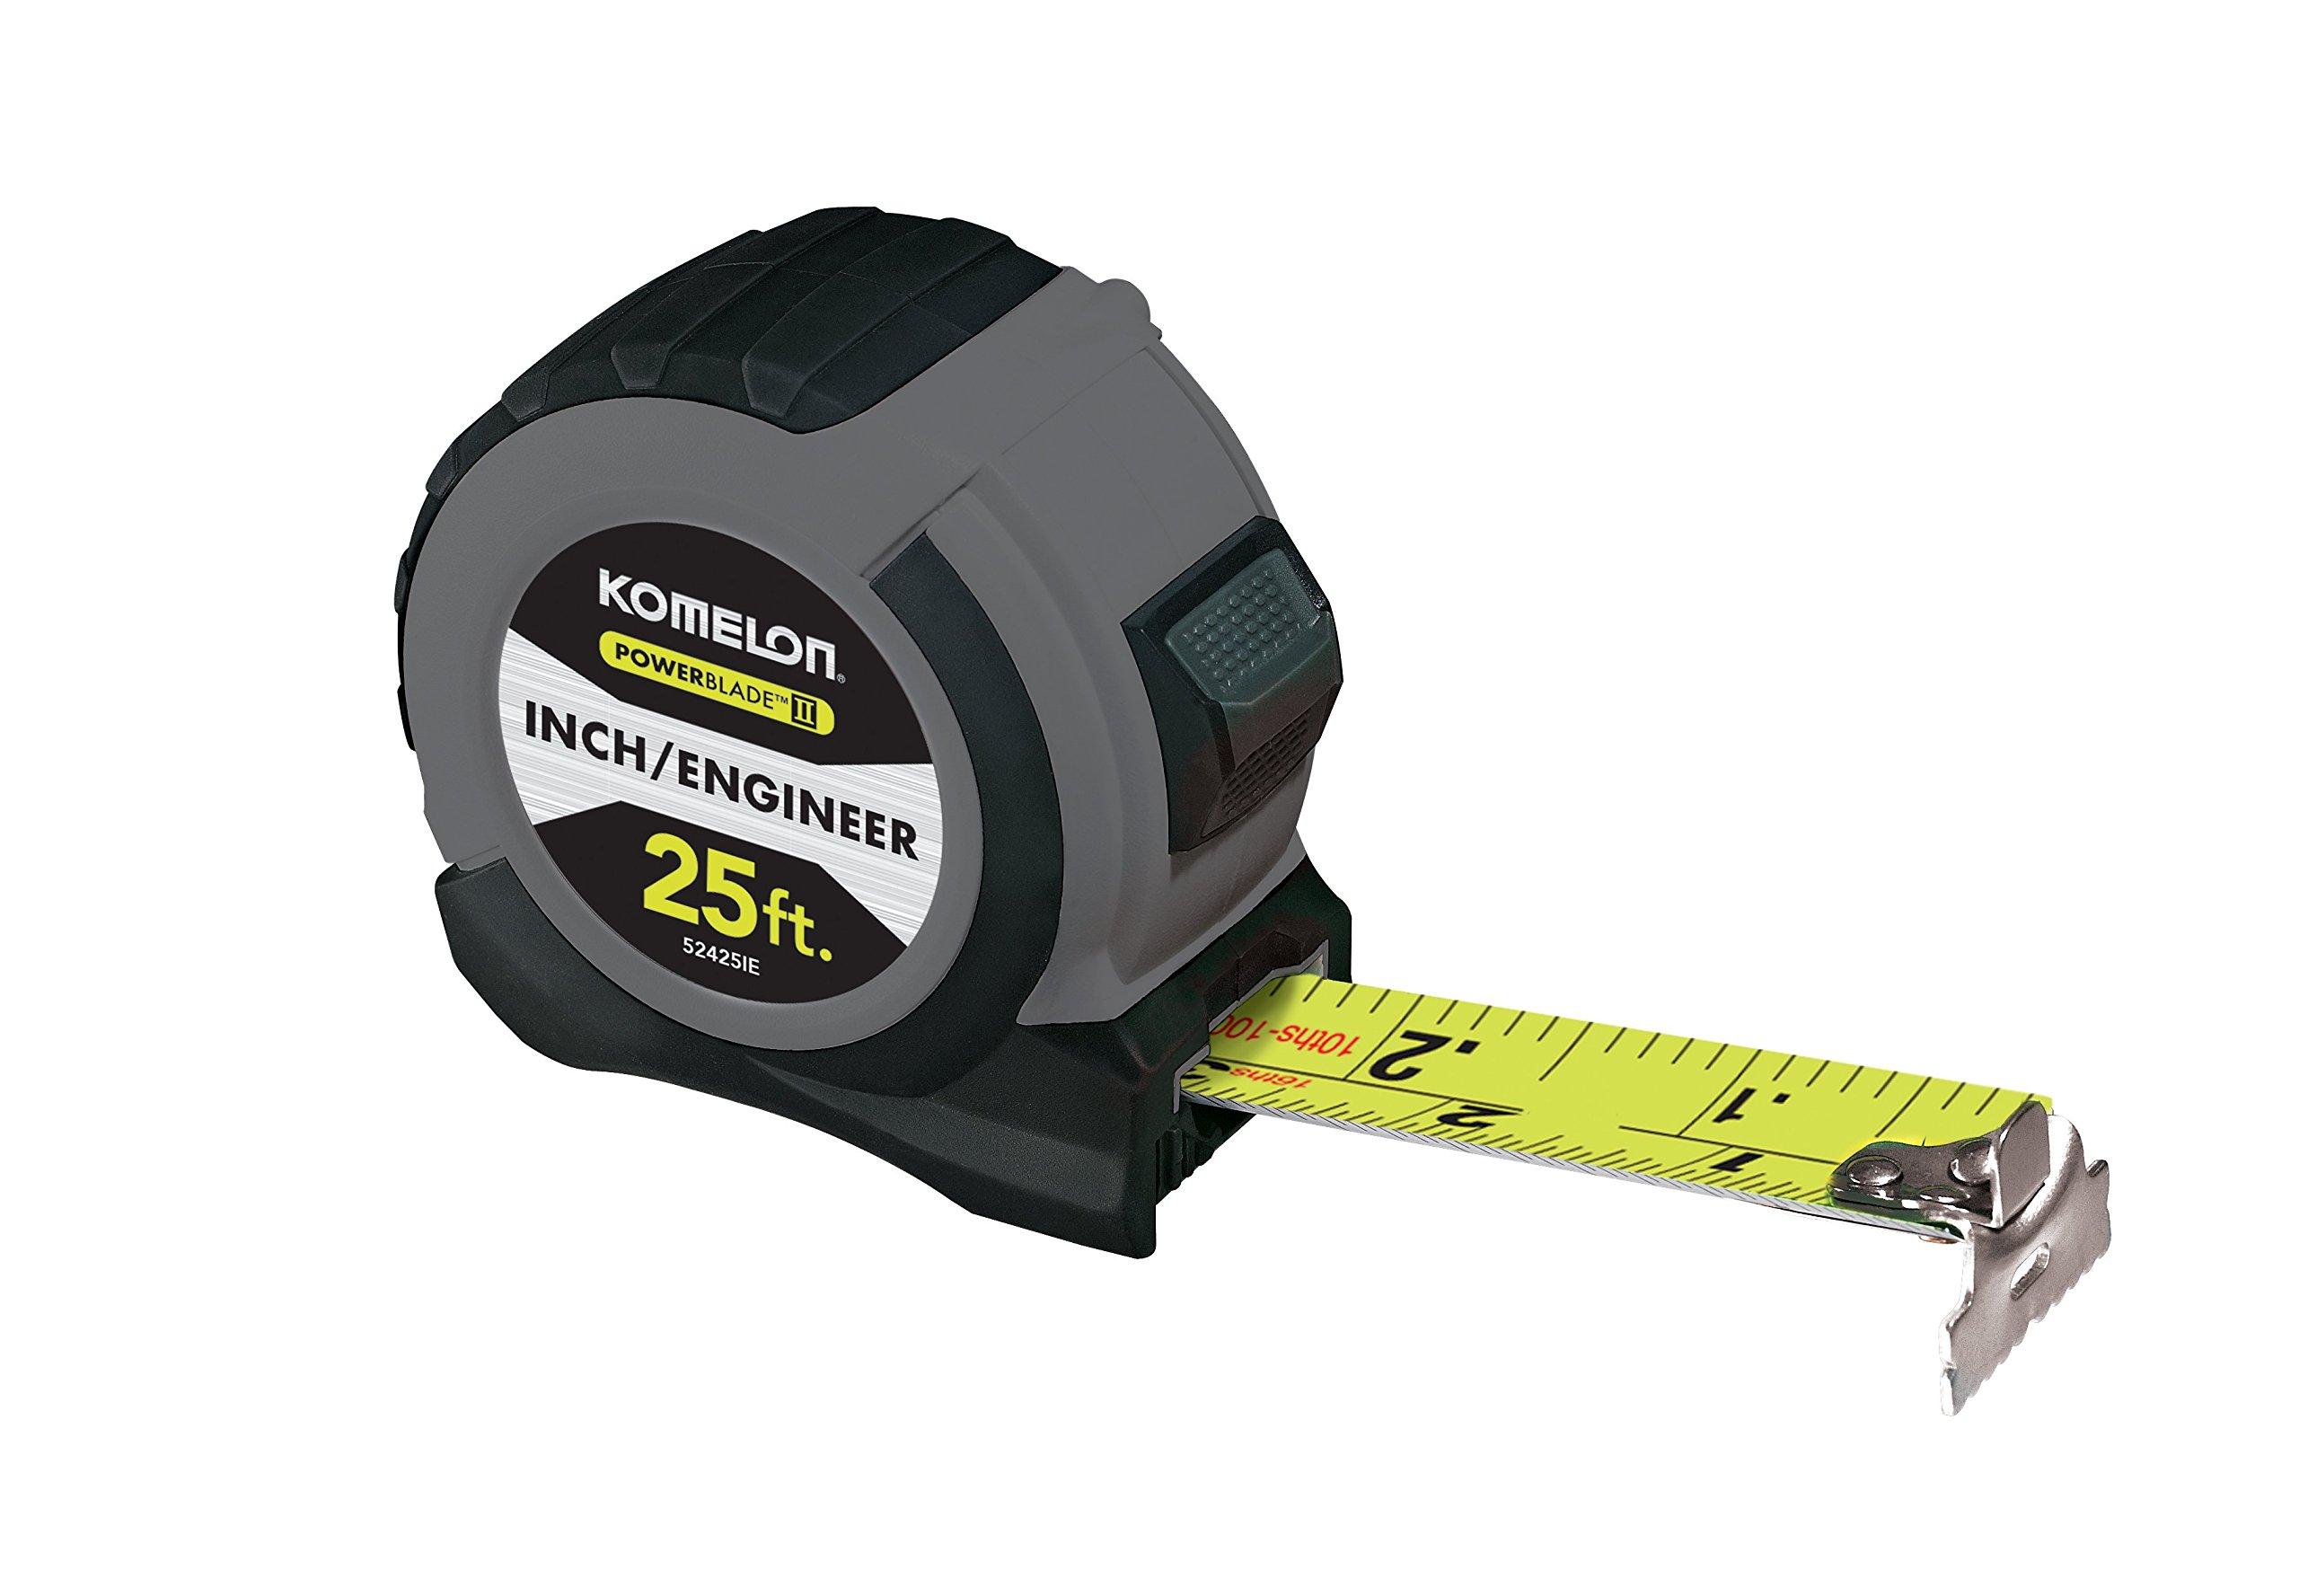 Komelon 52425IE Powerblade II Inch Engineer Tape Measure, Grey/Black